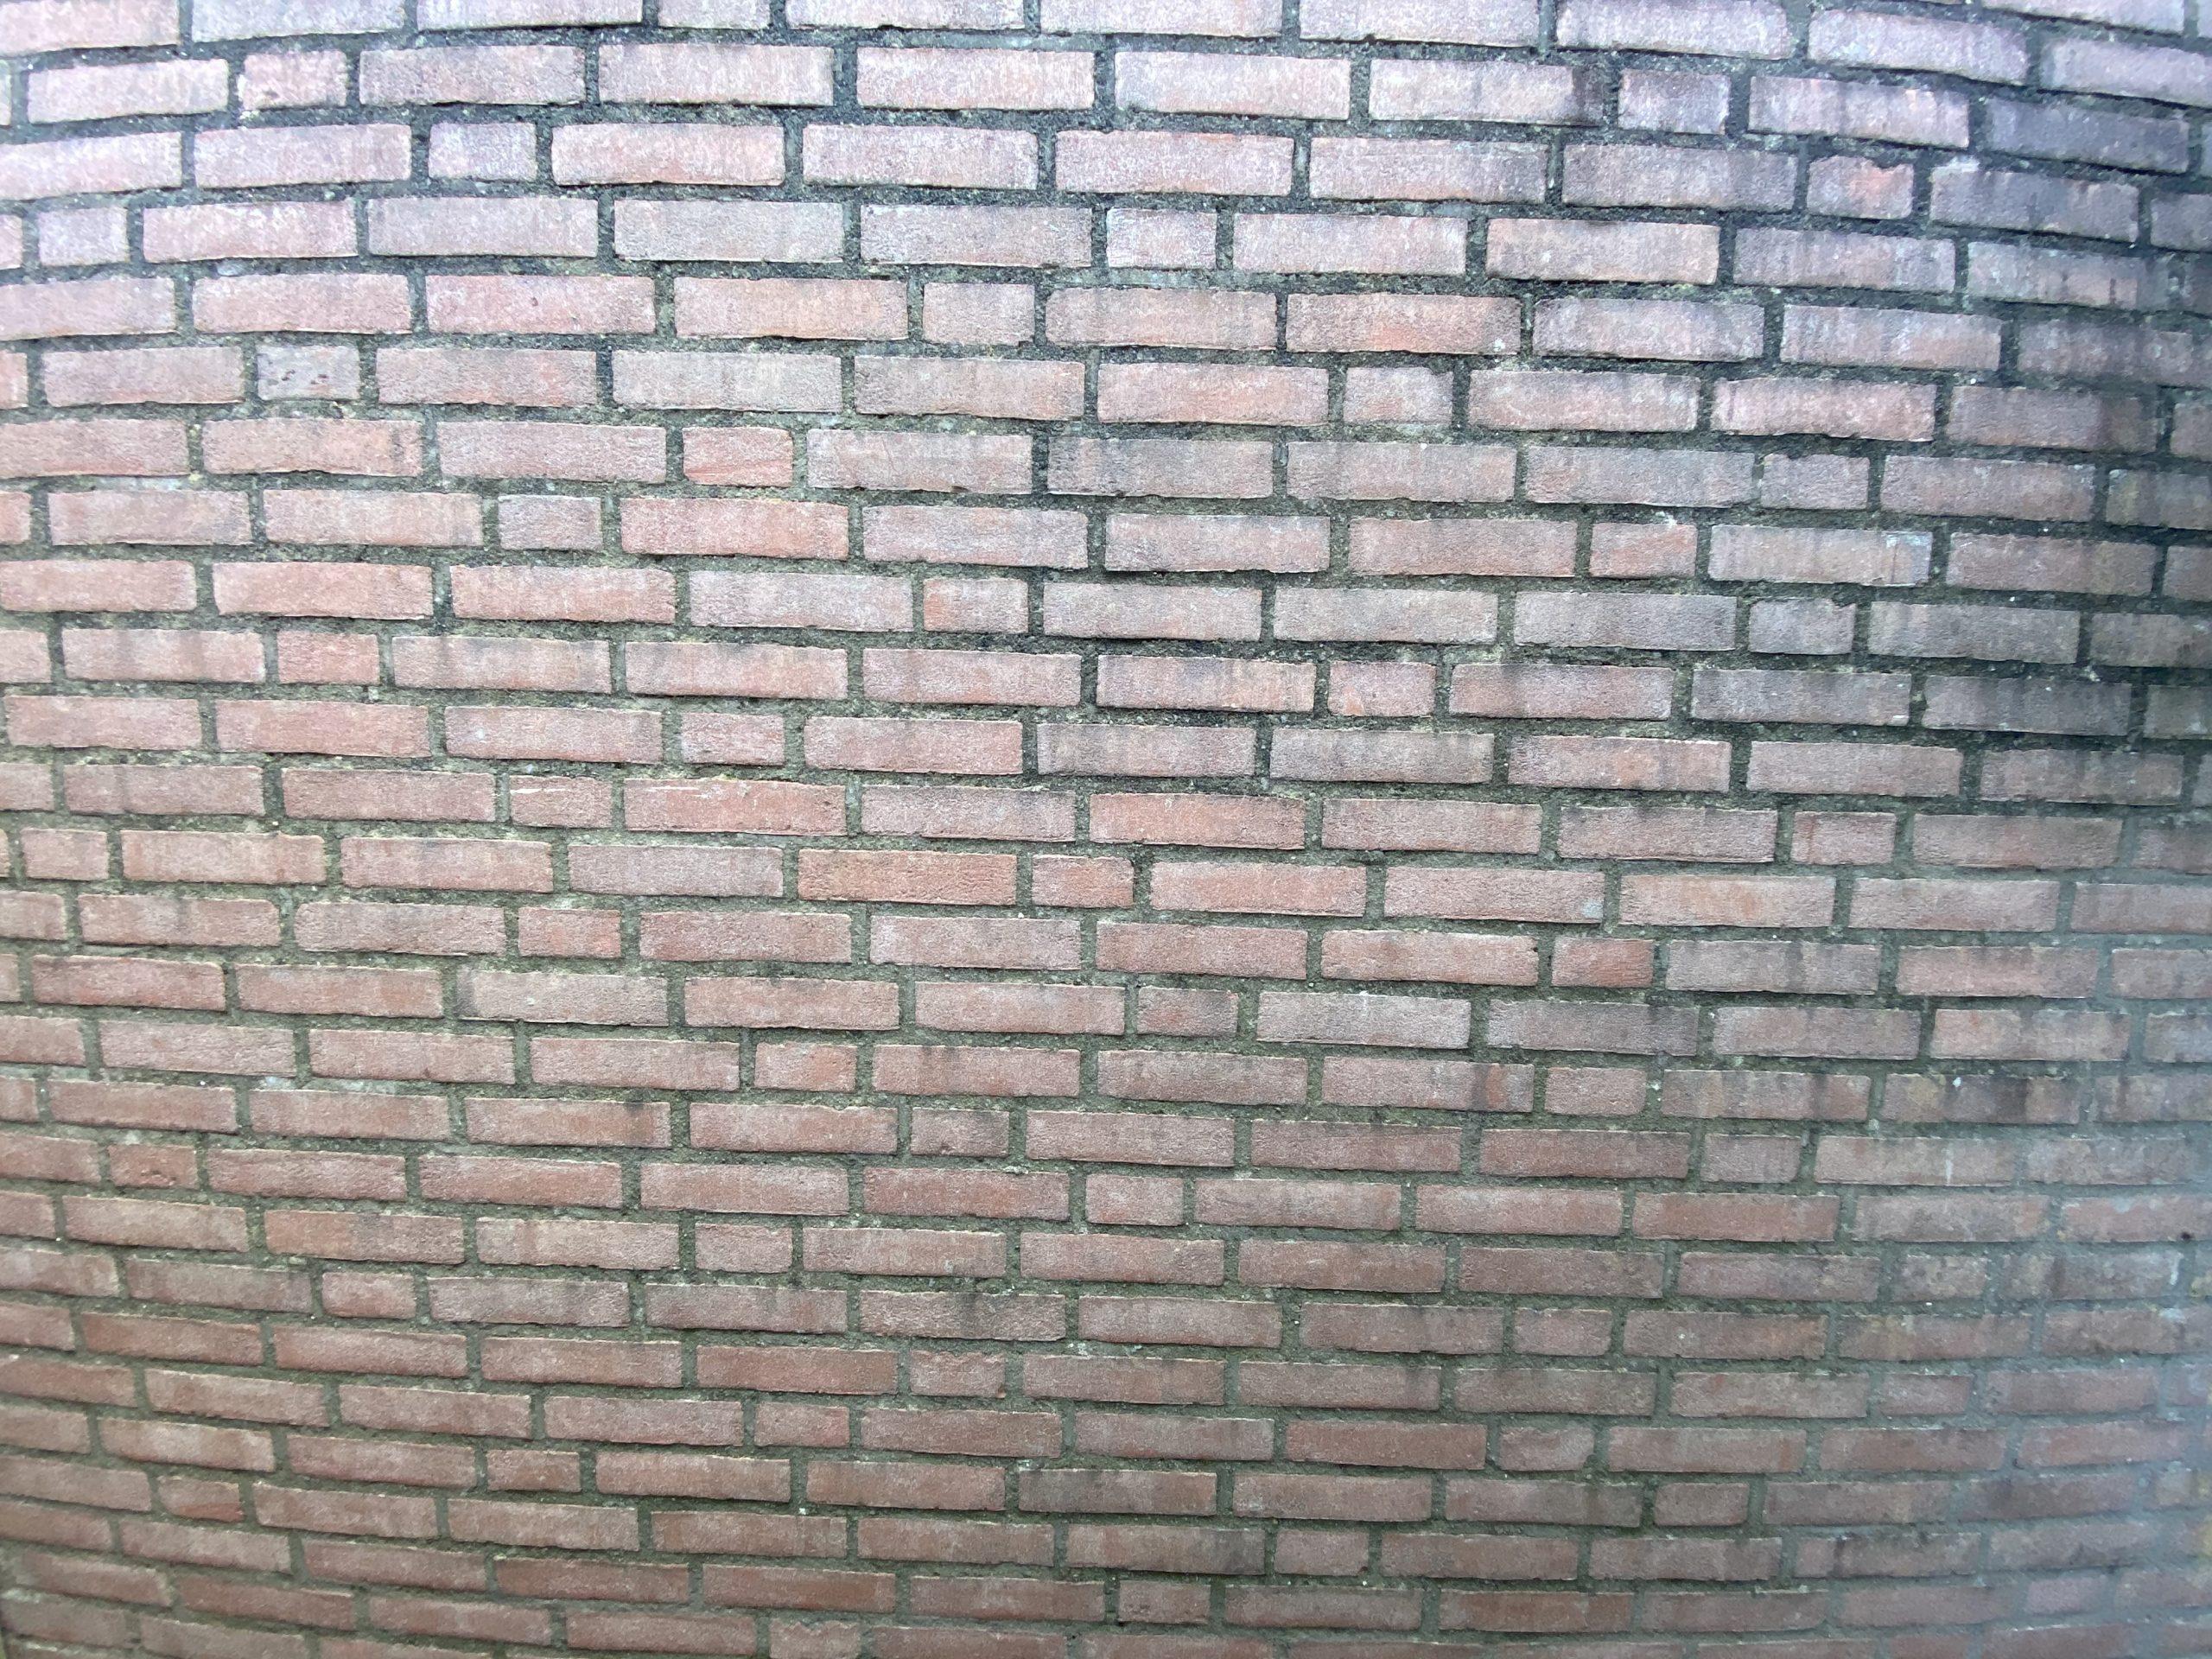 Tear Down This Wall - - van Swaaij Cassastie & Consultancy - cassatieadvocaat - cassatie advocaat